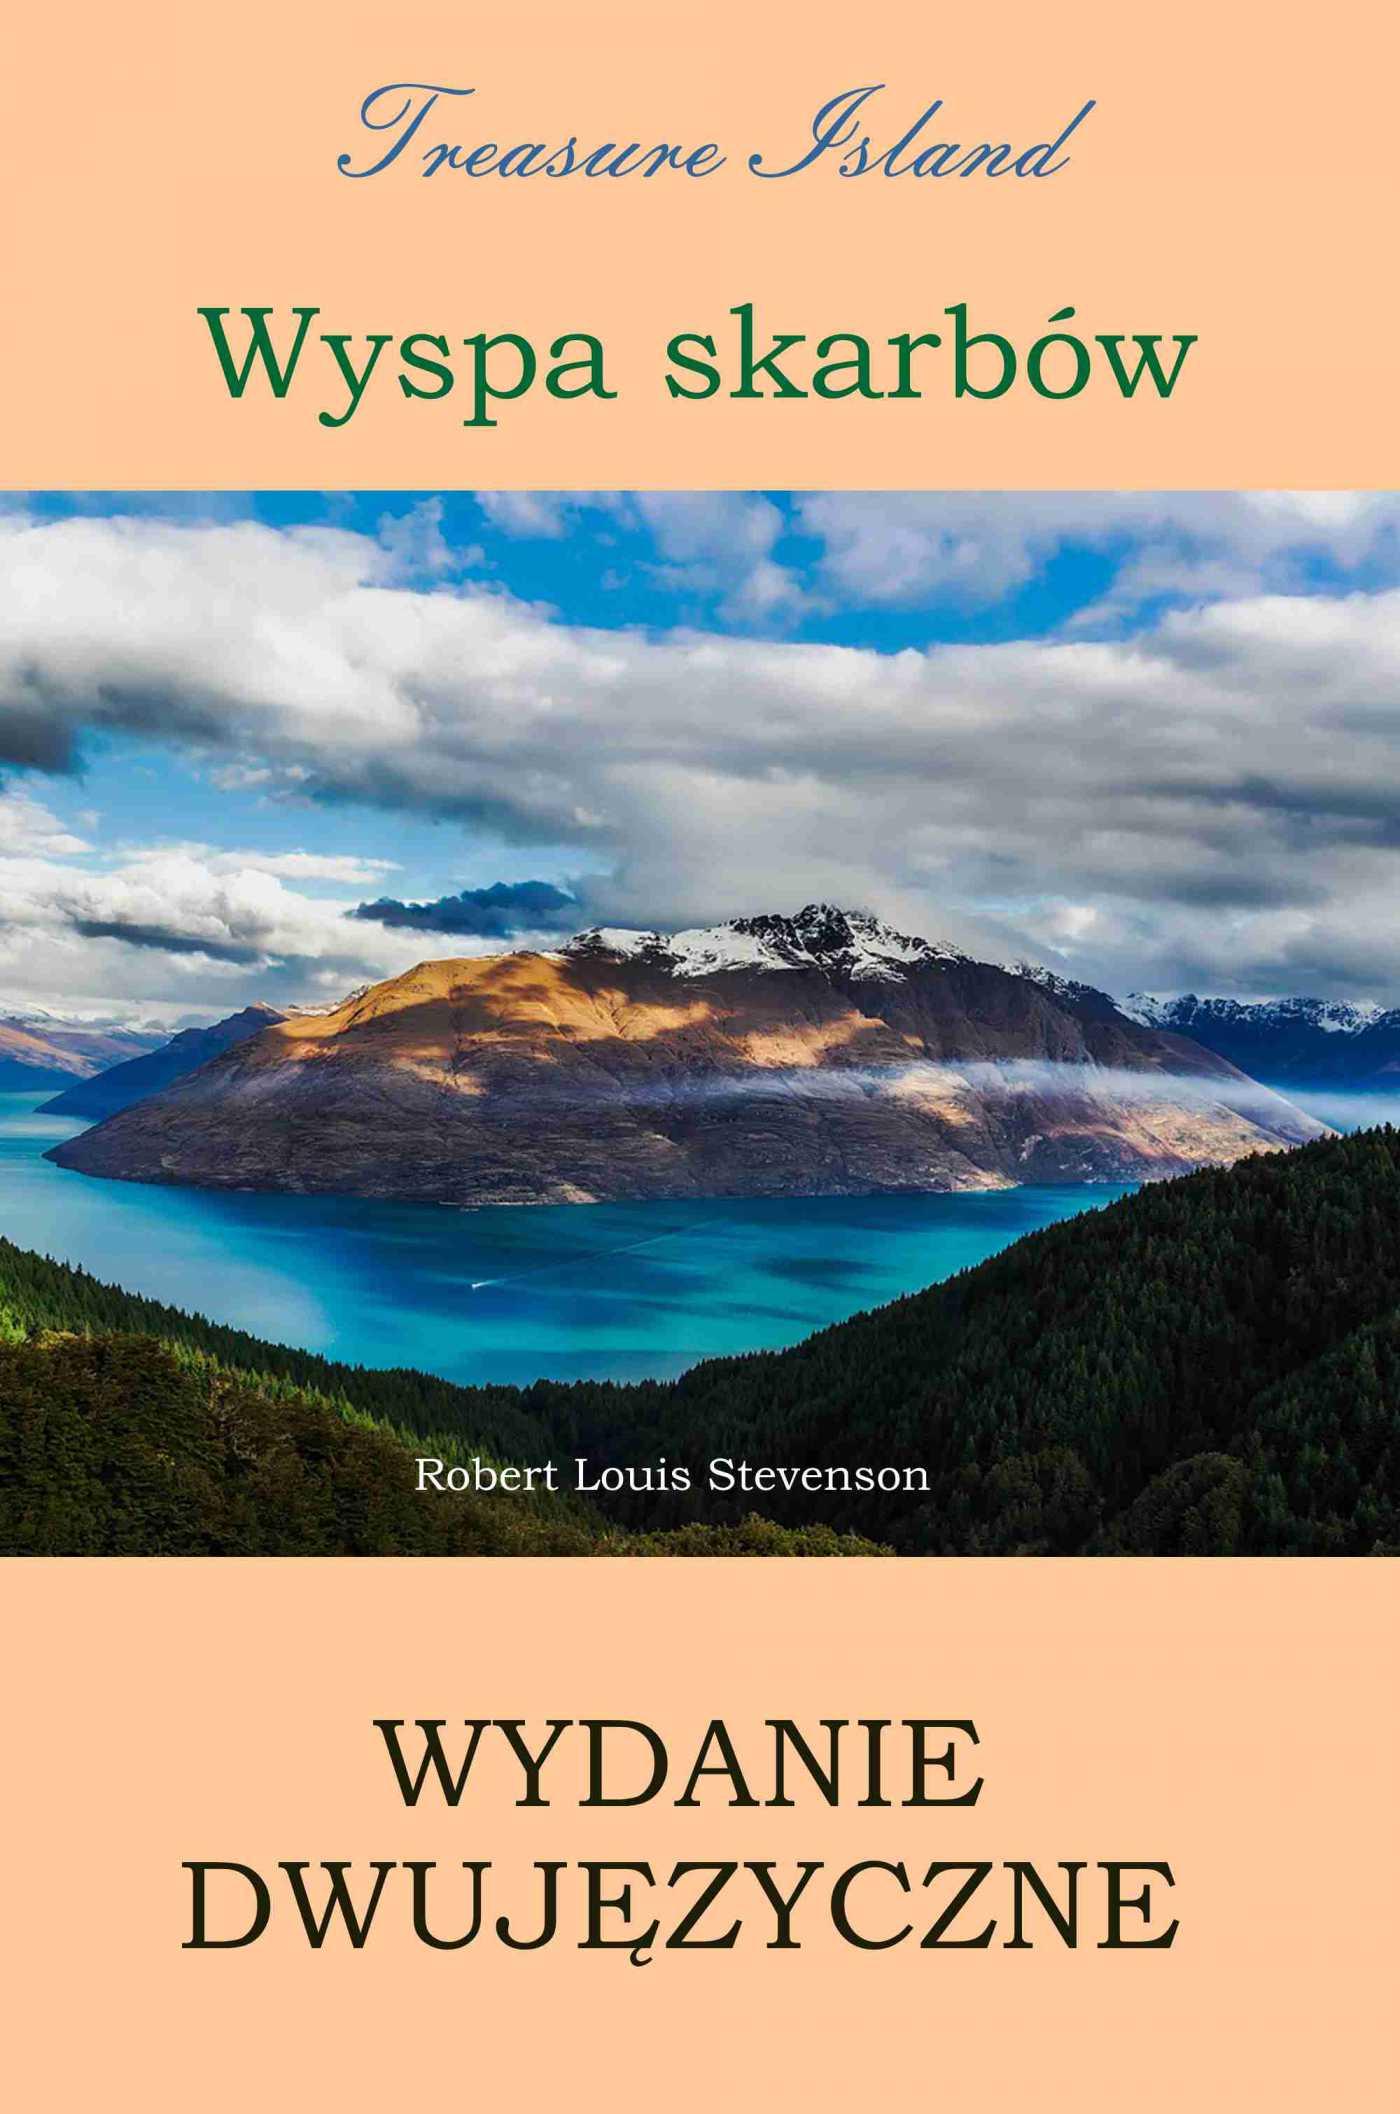 Wyspa skarbów. Wydanie dwujęzyczne polsko-angielskie - Ebook (Książka PDF) do pobrania w formacie PDF